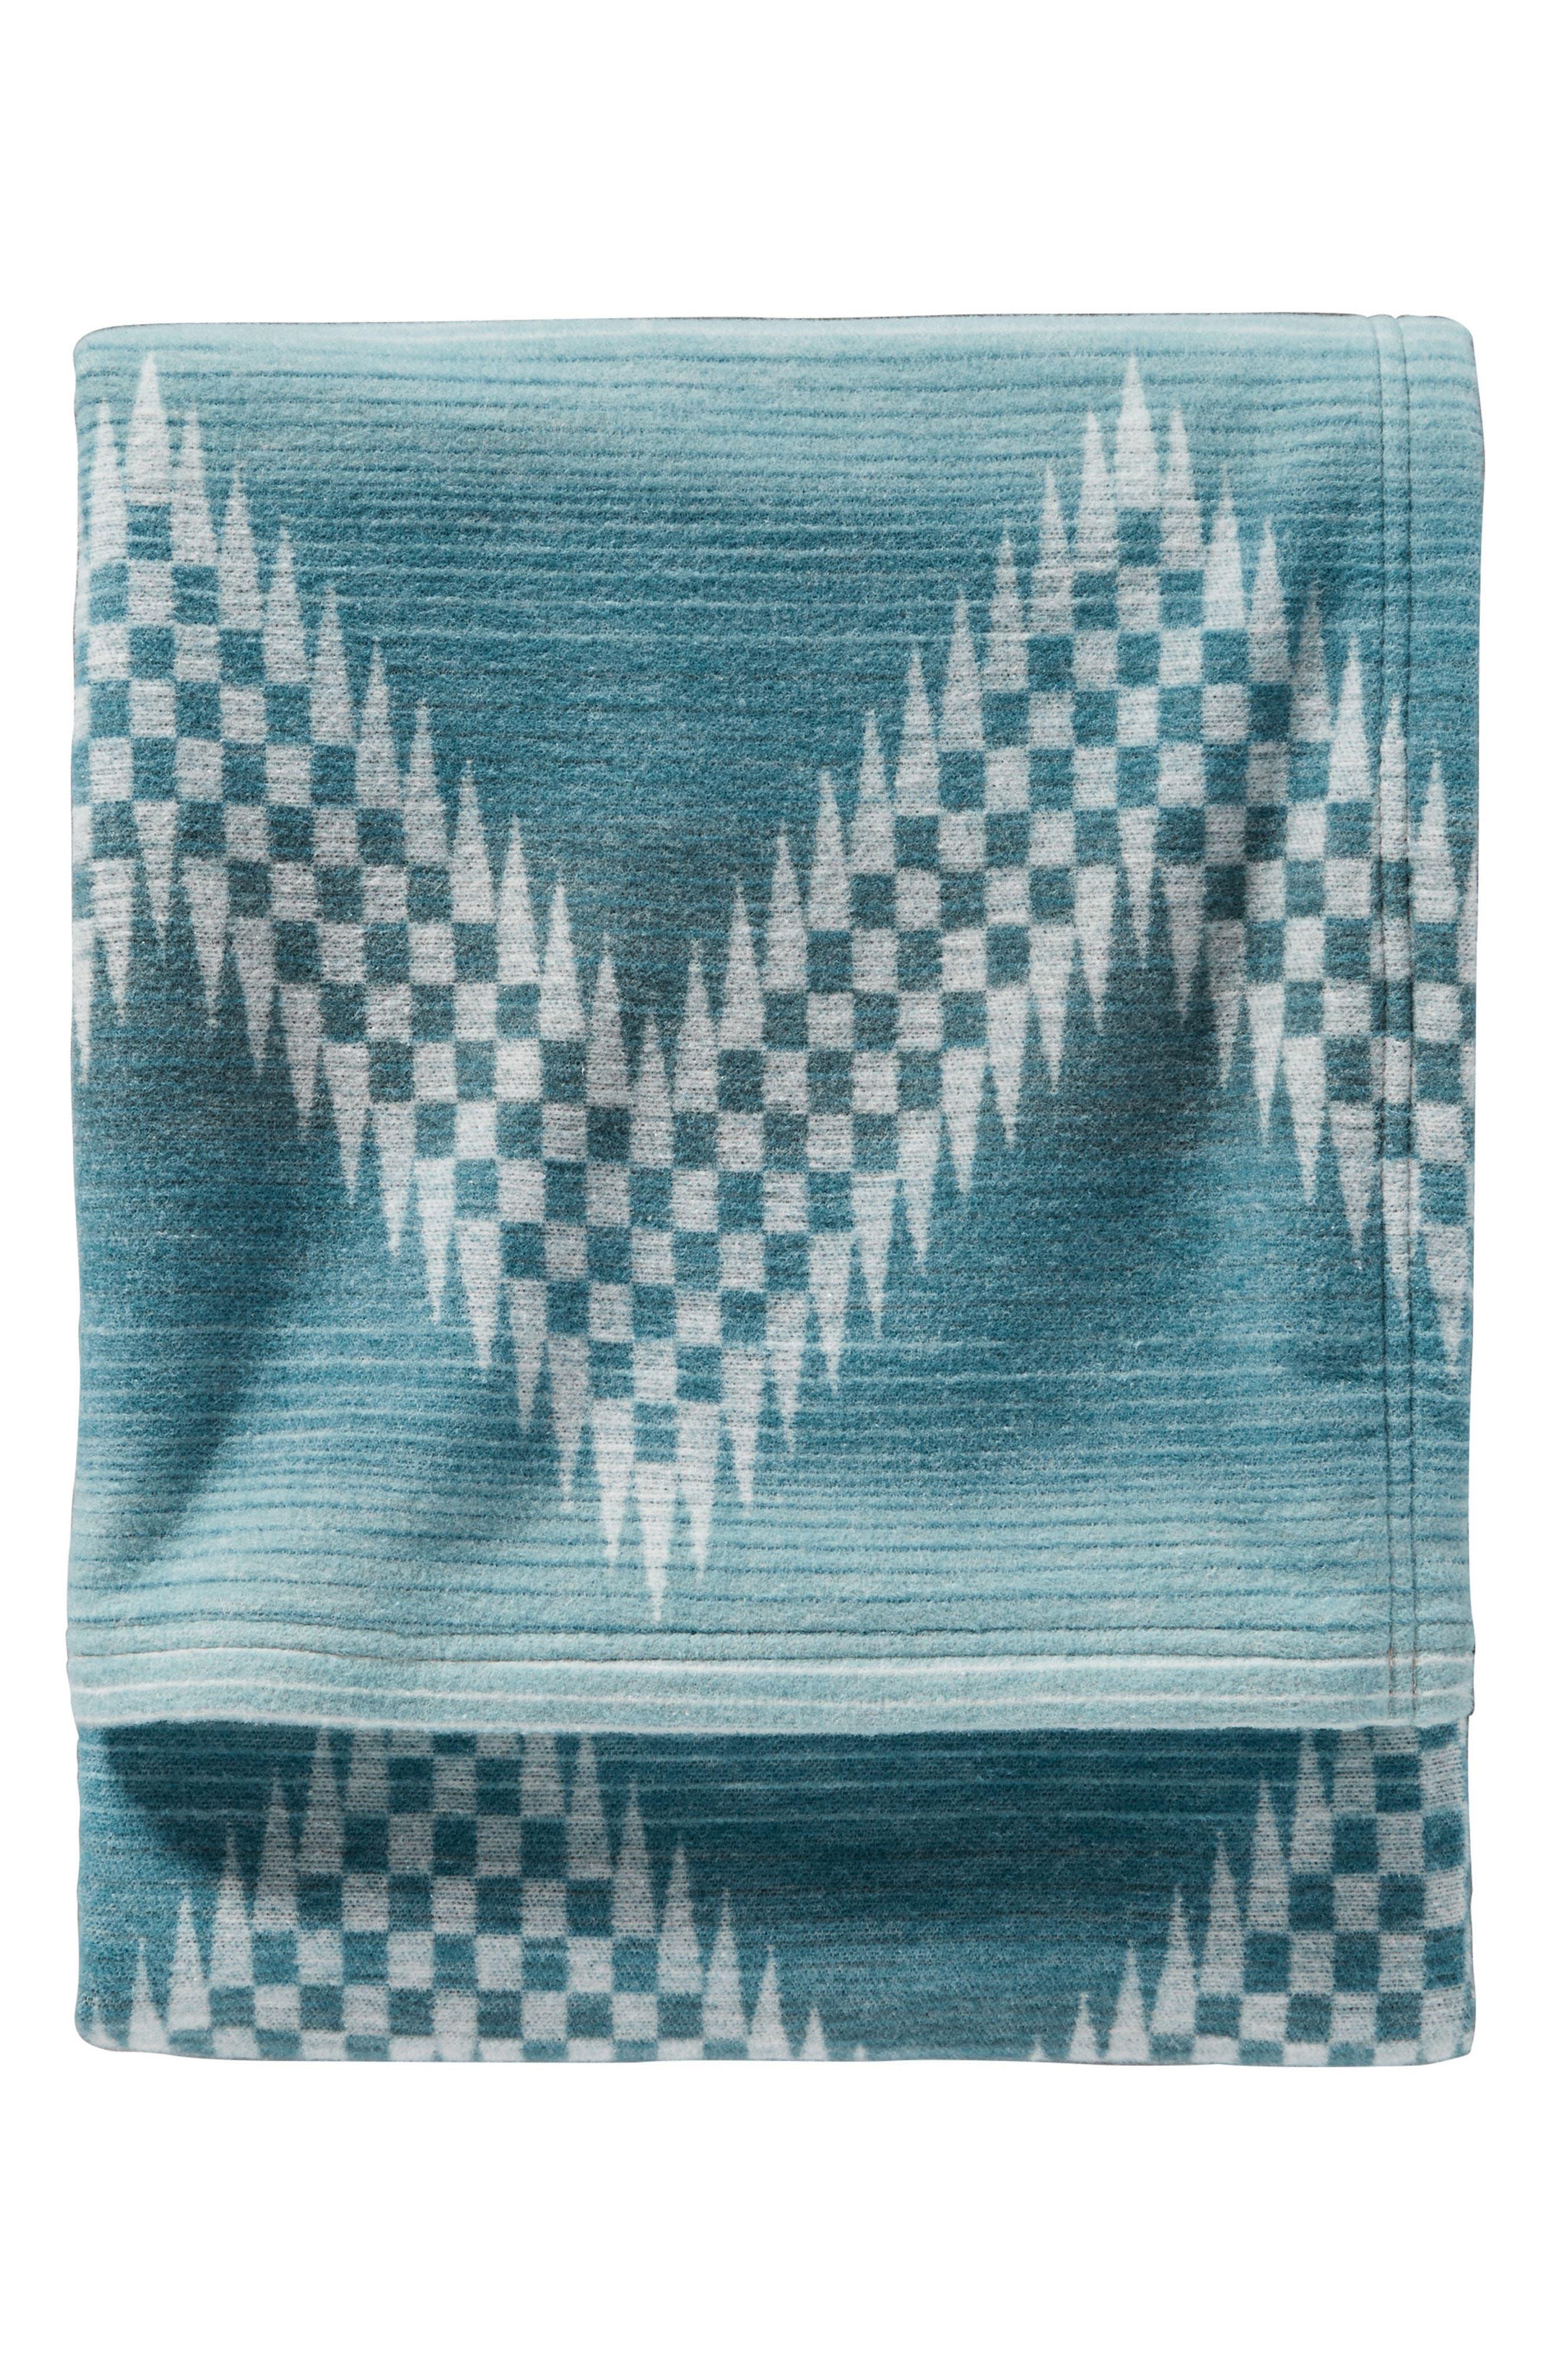 Alternate Image 1 Selected - Pendleton Willow Basket Throw Blanket